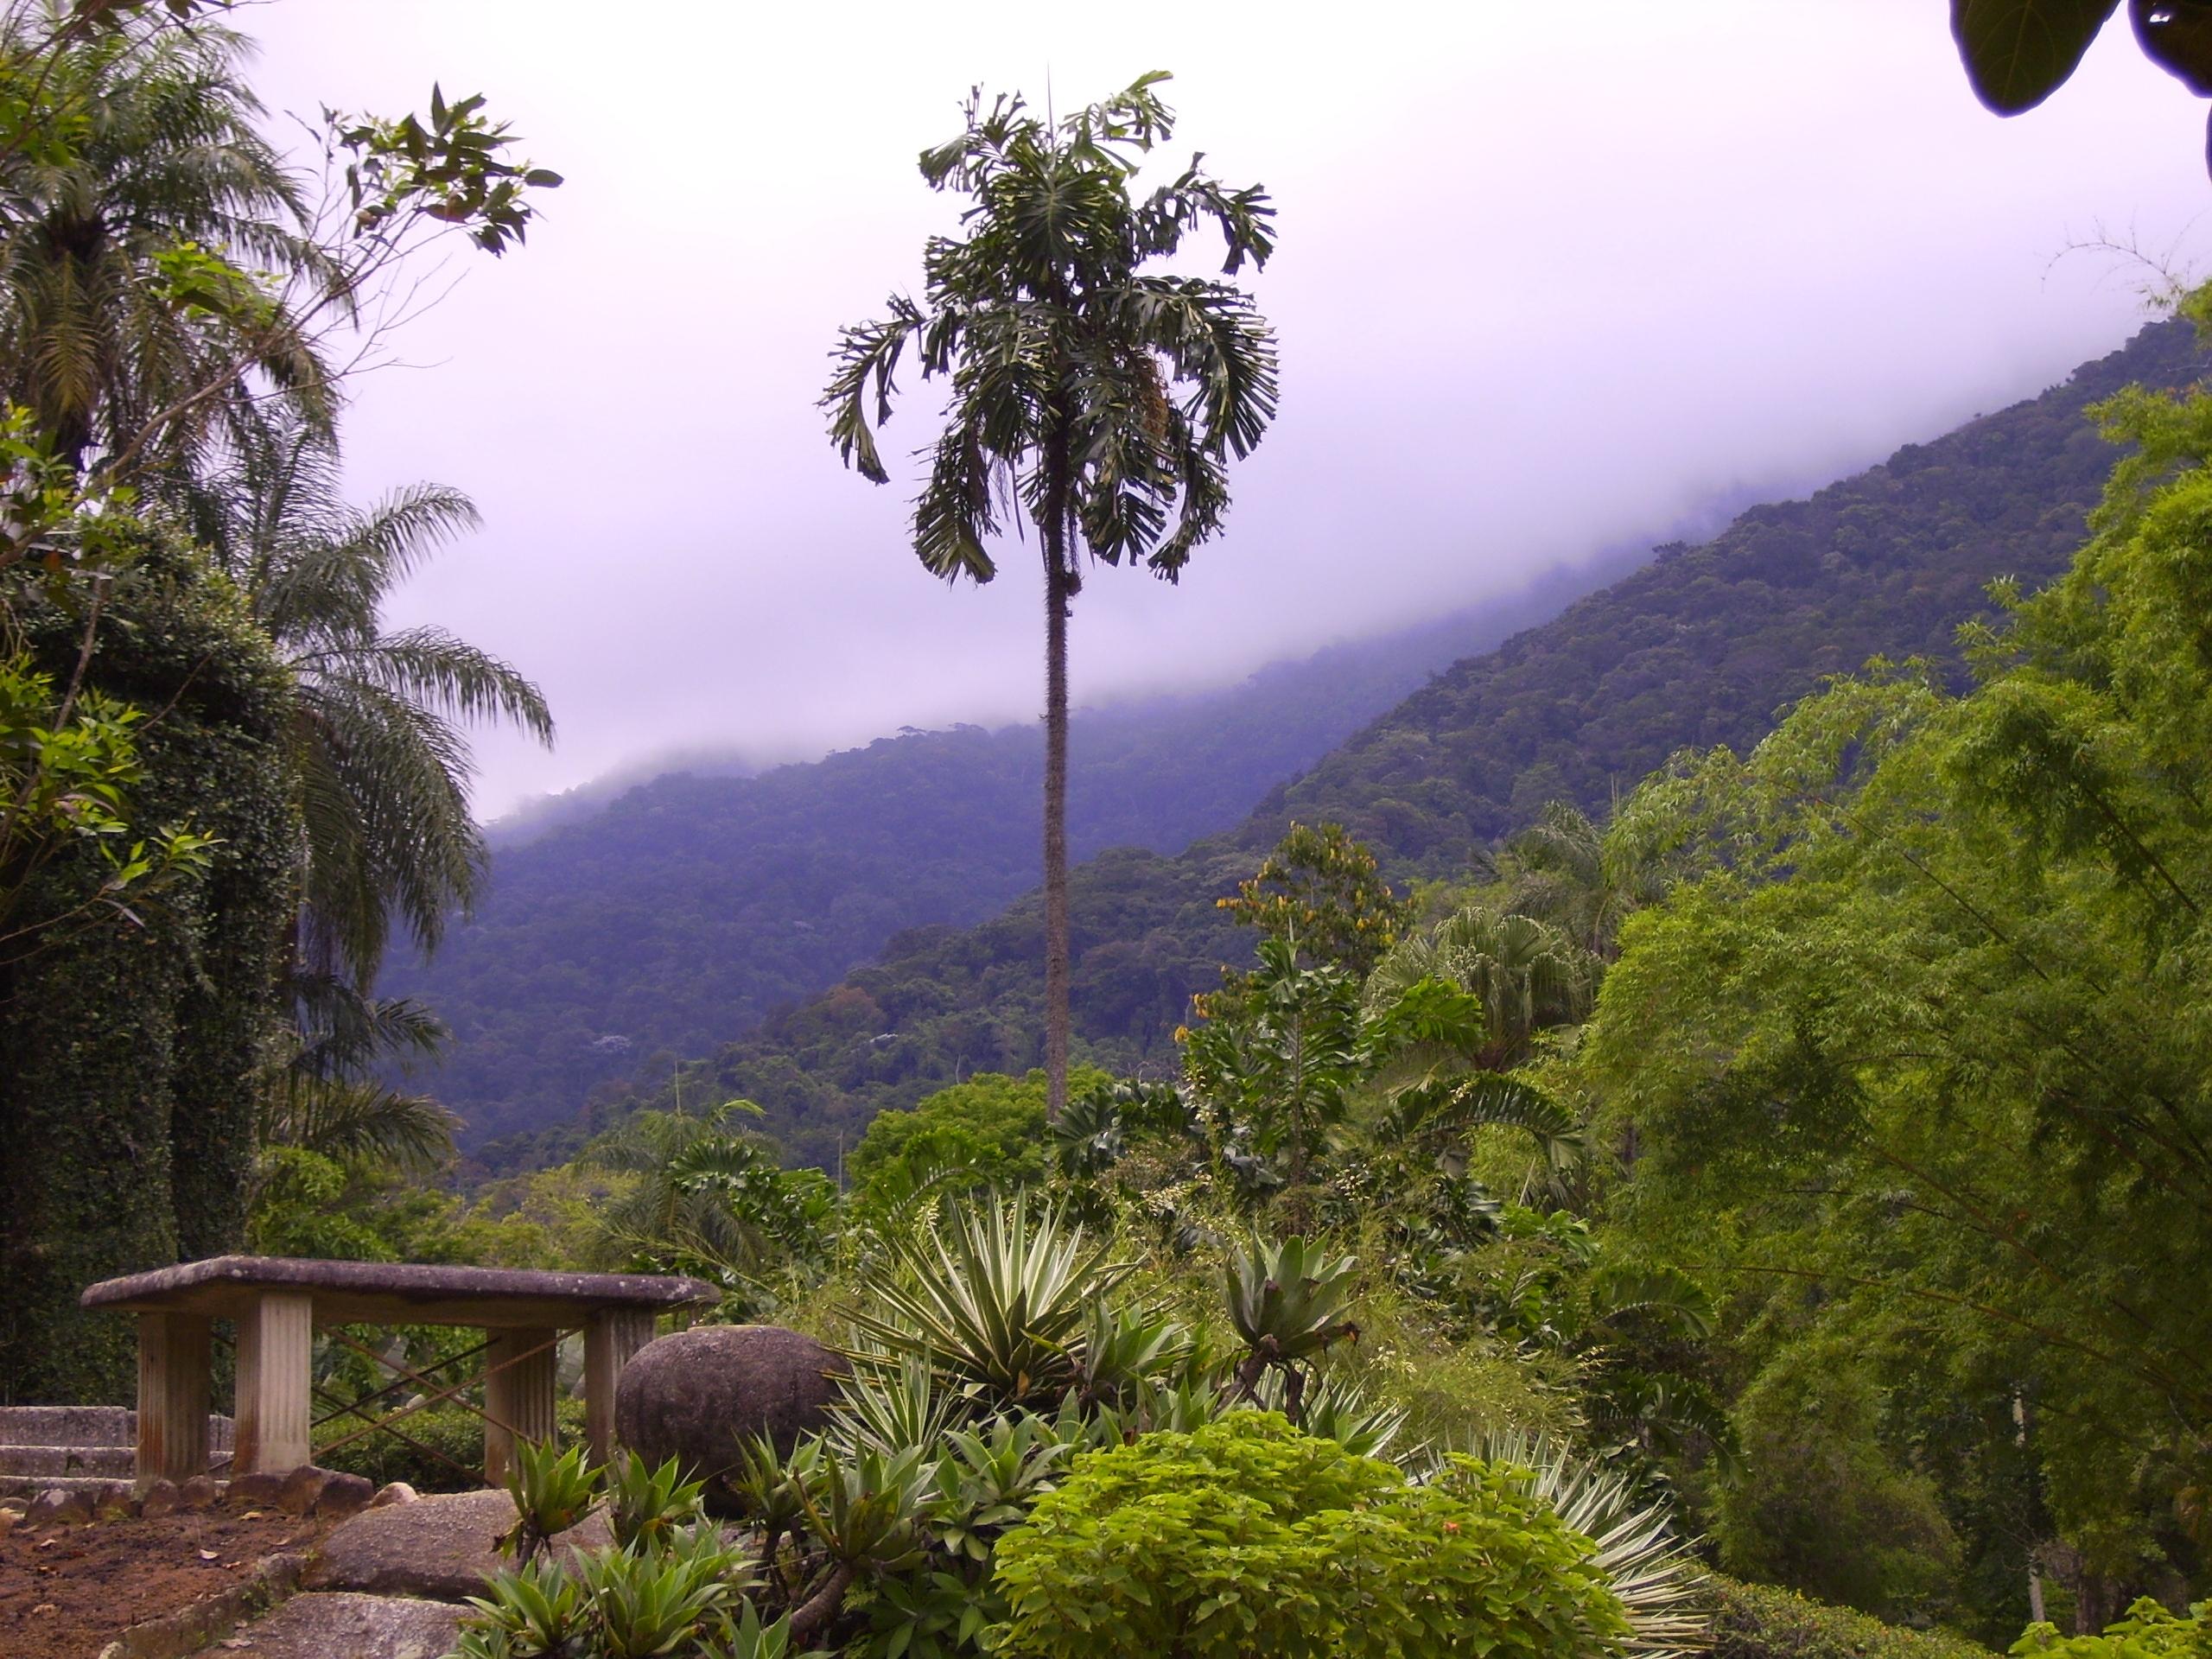 banco de jardim rio de janeiro:Jardim Botanico Rio De Janeiro Brazil #515916 2560x1920